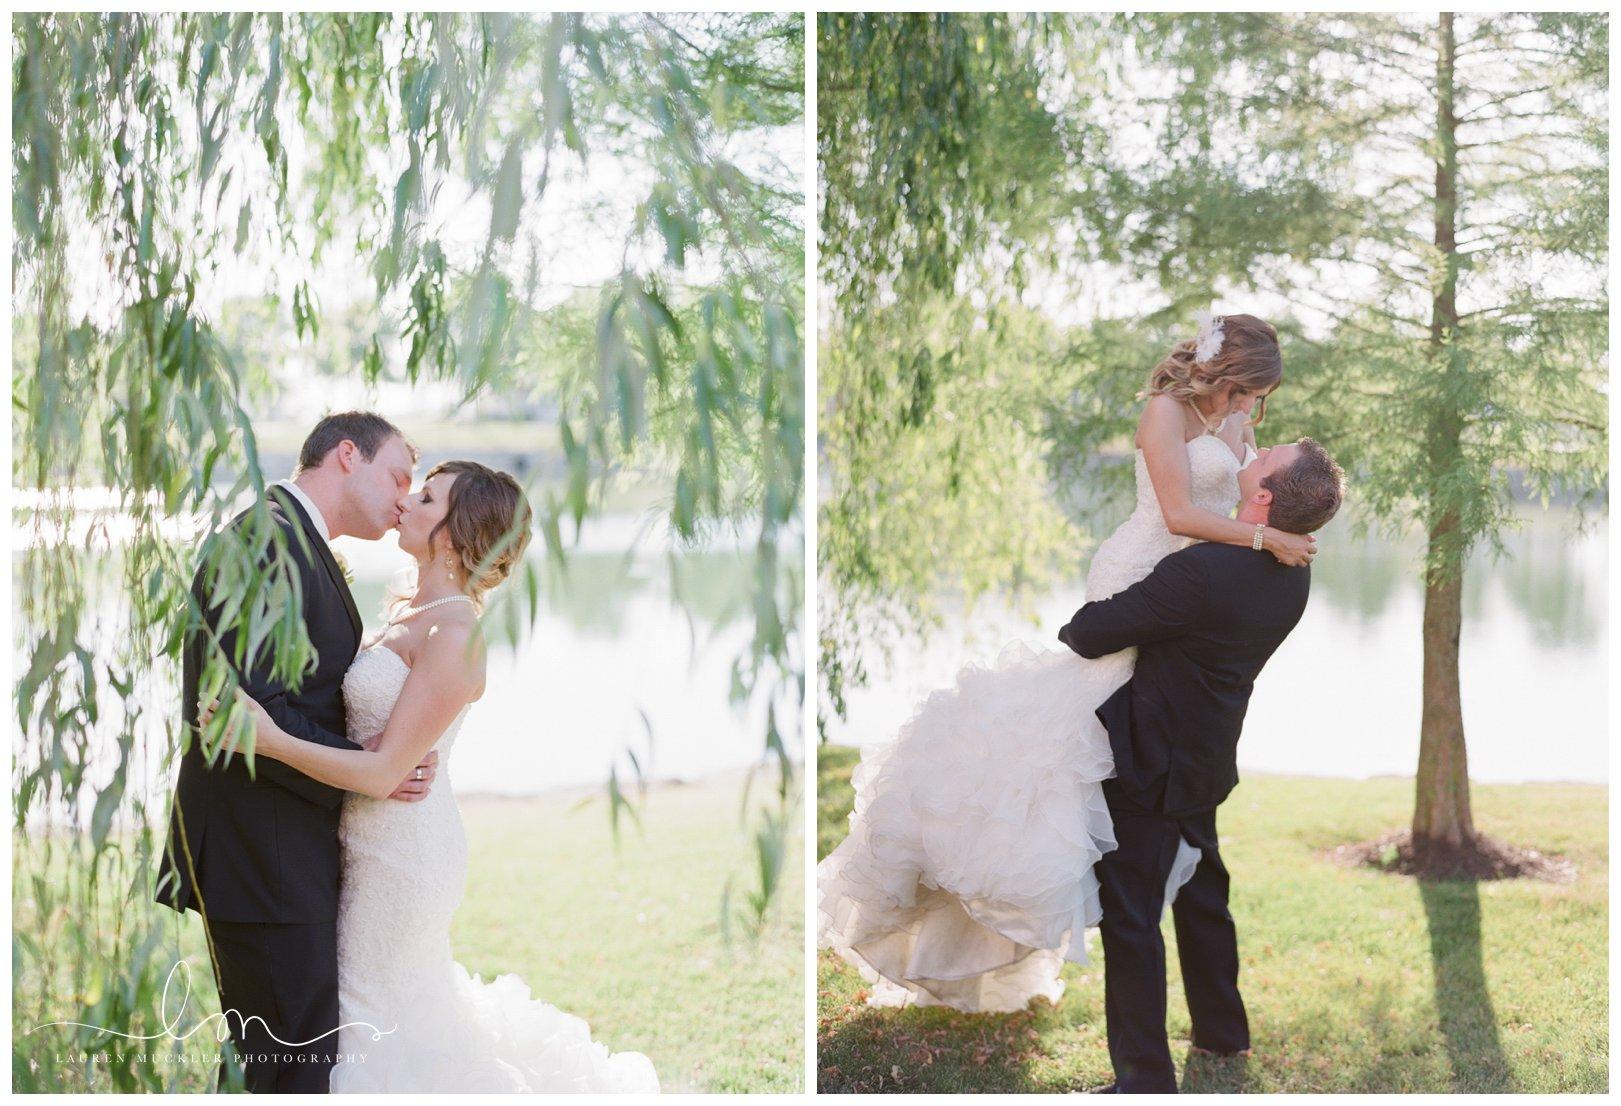 lauren muckler photography_fine art film wedding photography_st louis_photography_0475.jpg